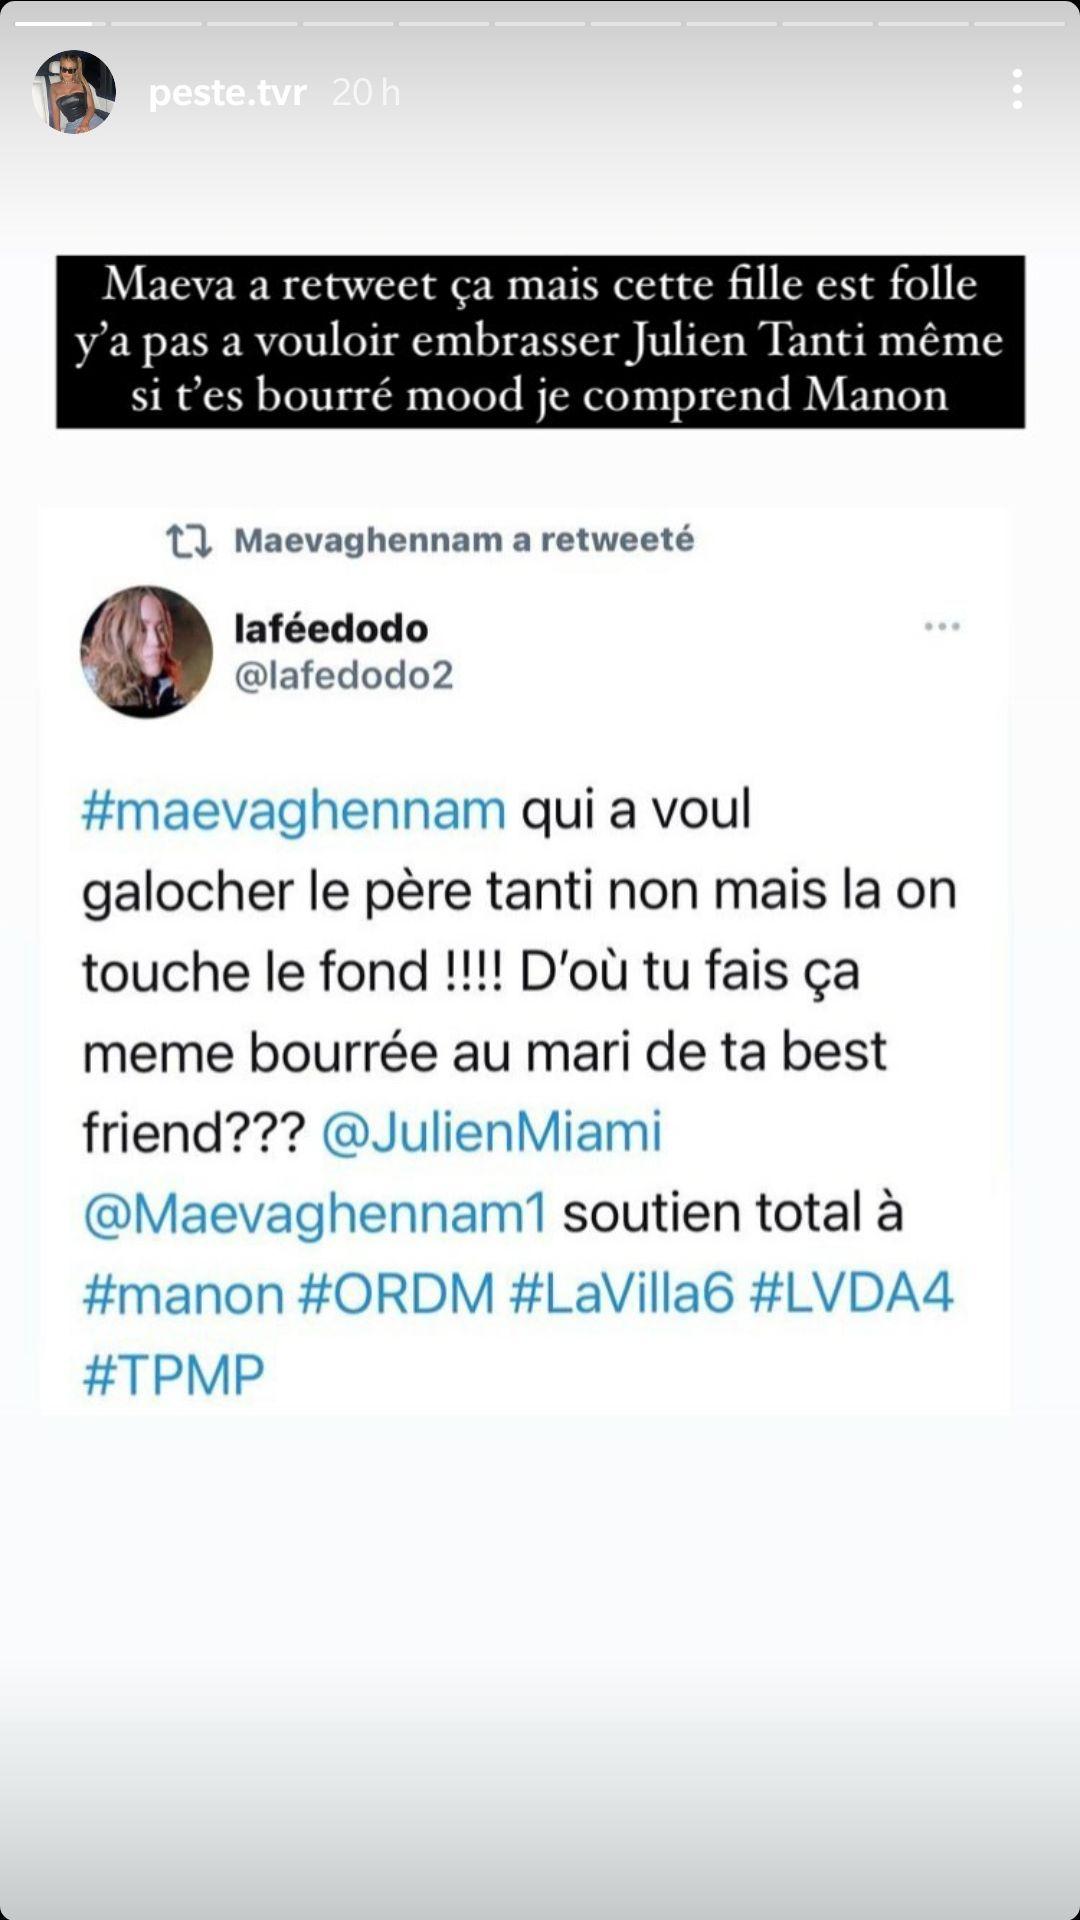 maeva-ghennam-a-t-elle-tente-d-embrasser-julien-tanti-en-froid-avec-manon-marsault-elle-s-explique